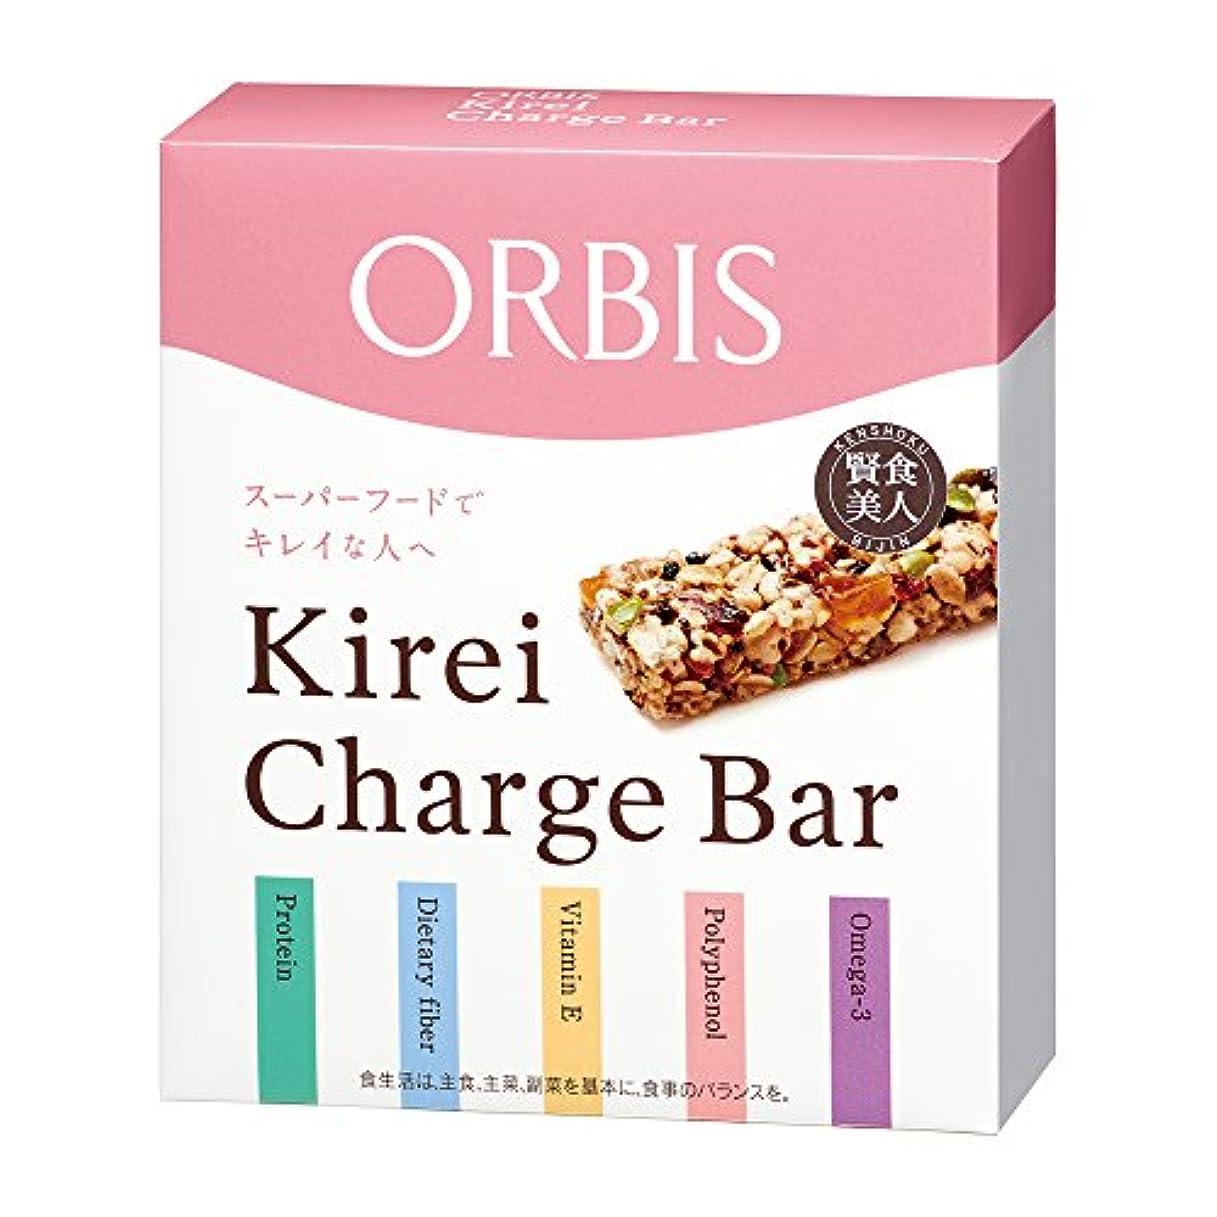 海嶺データ維持オルビス(ORBIS) Kirei Charge Bar(キレイチャージバー) オリジナルミックス ◎美容シリアルバー◎